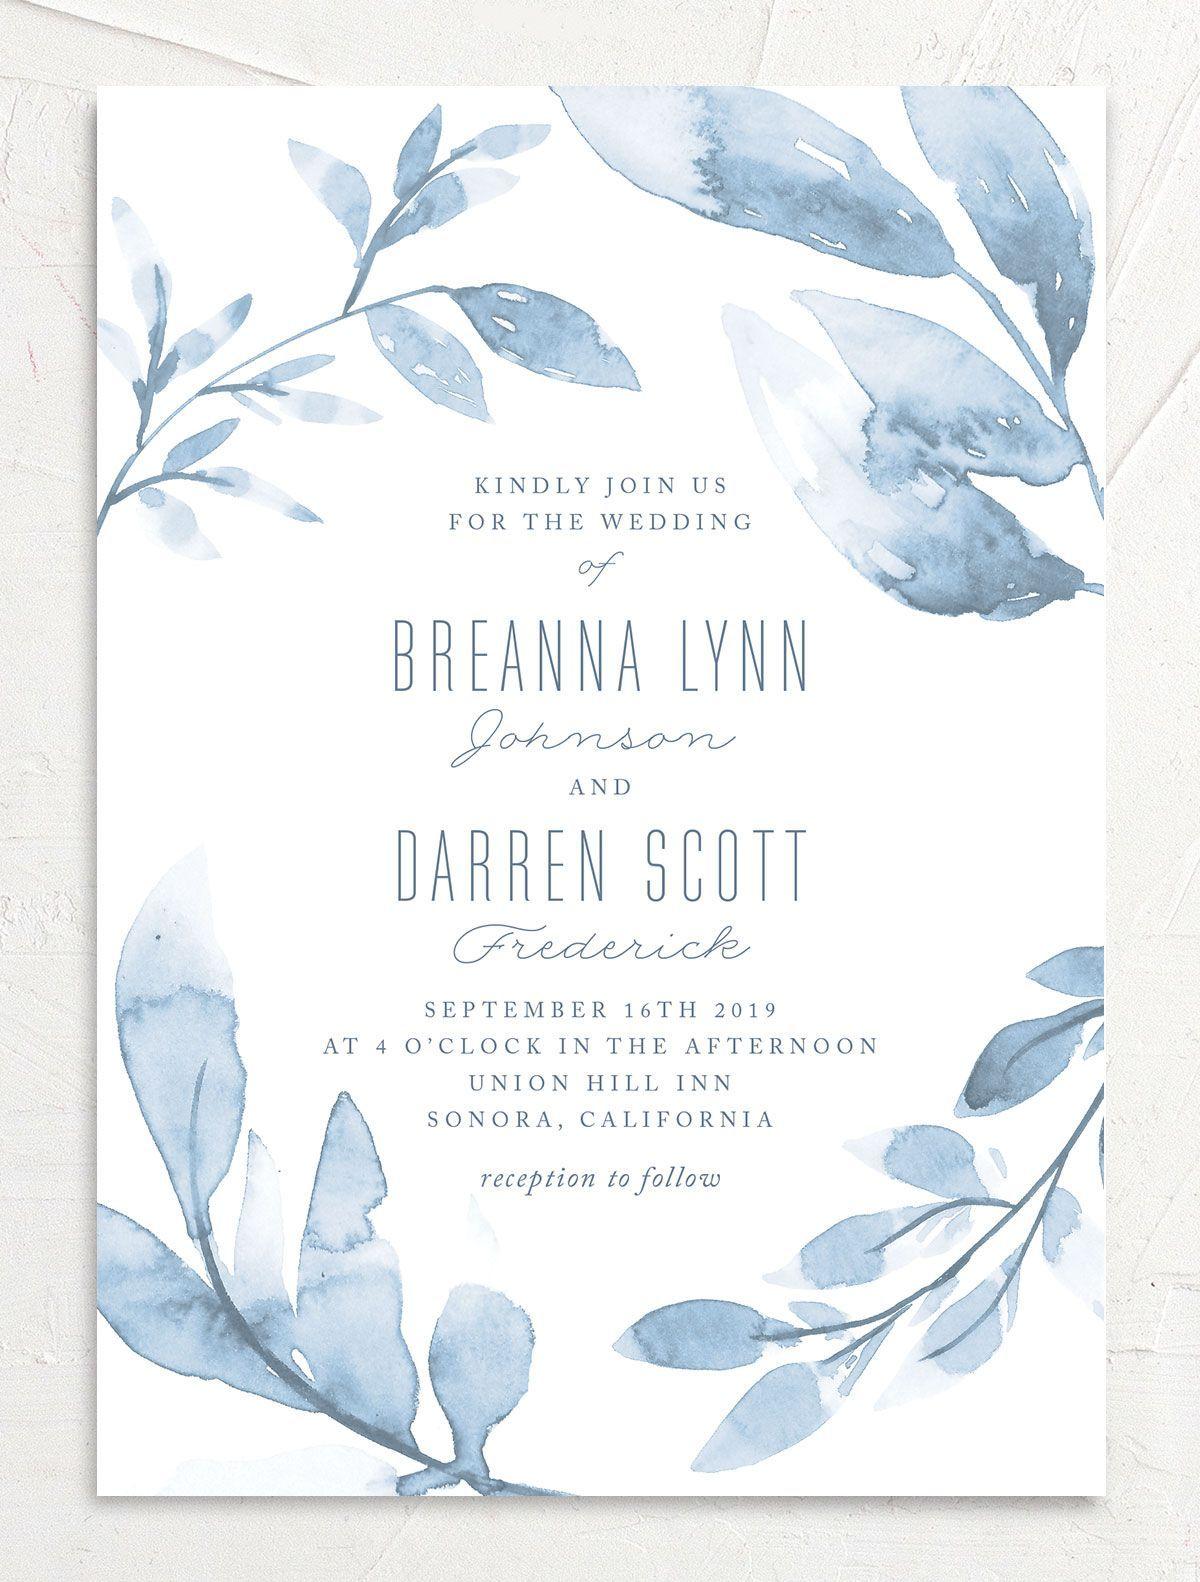 Painted Leaves Wedding Invitations Elli Watercolor Wedding Invitations Wedding Card Design Wedding Cards